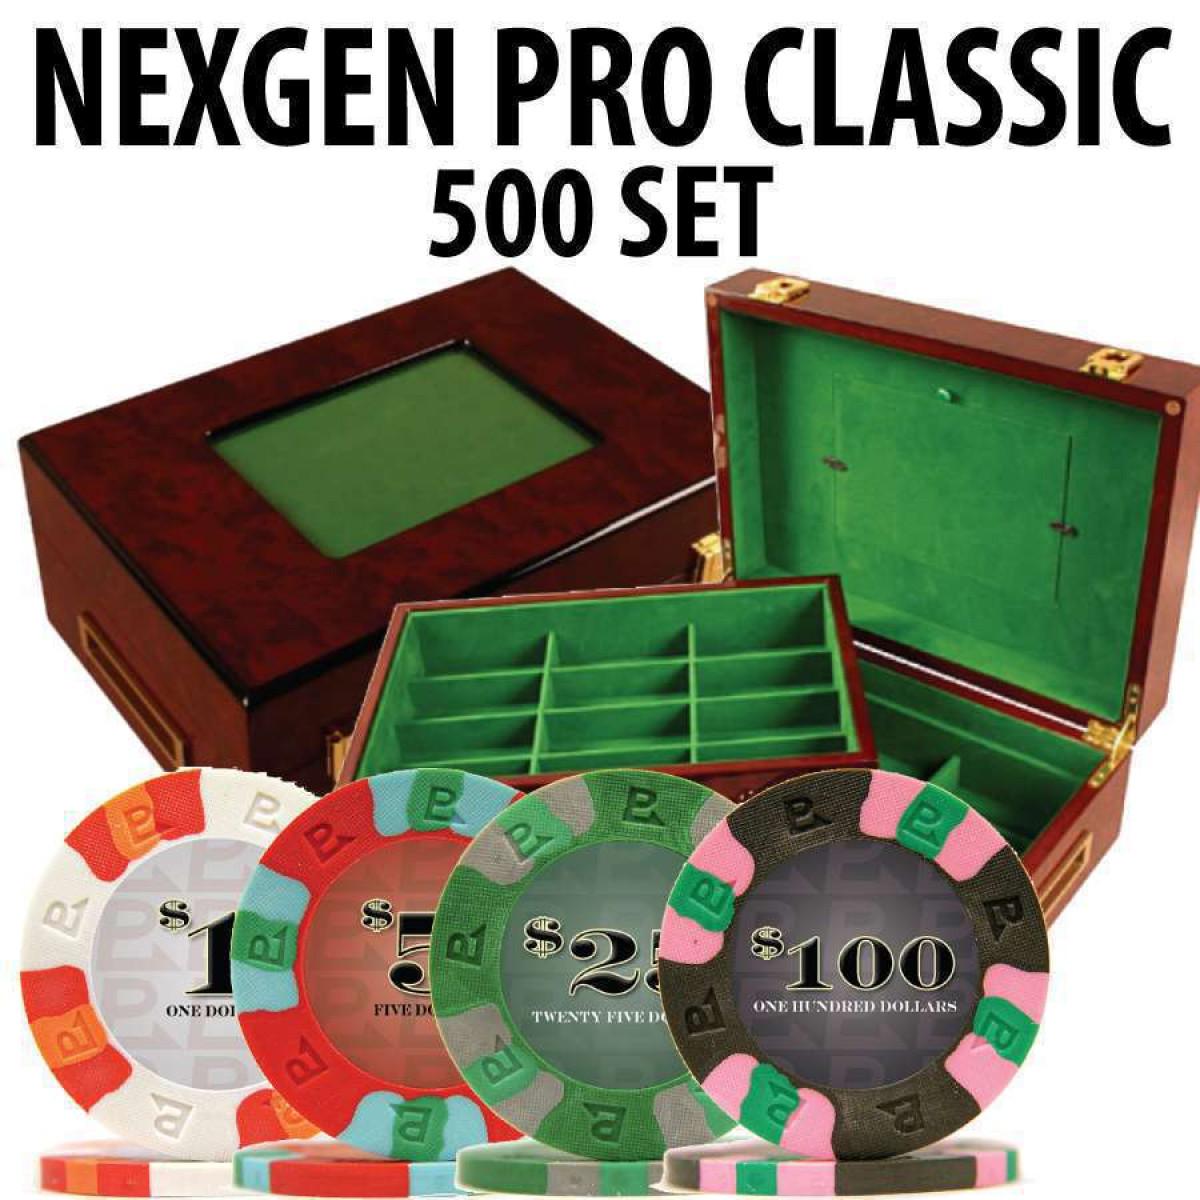 Custom nexgen poker chips world series of poker announcers